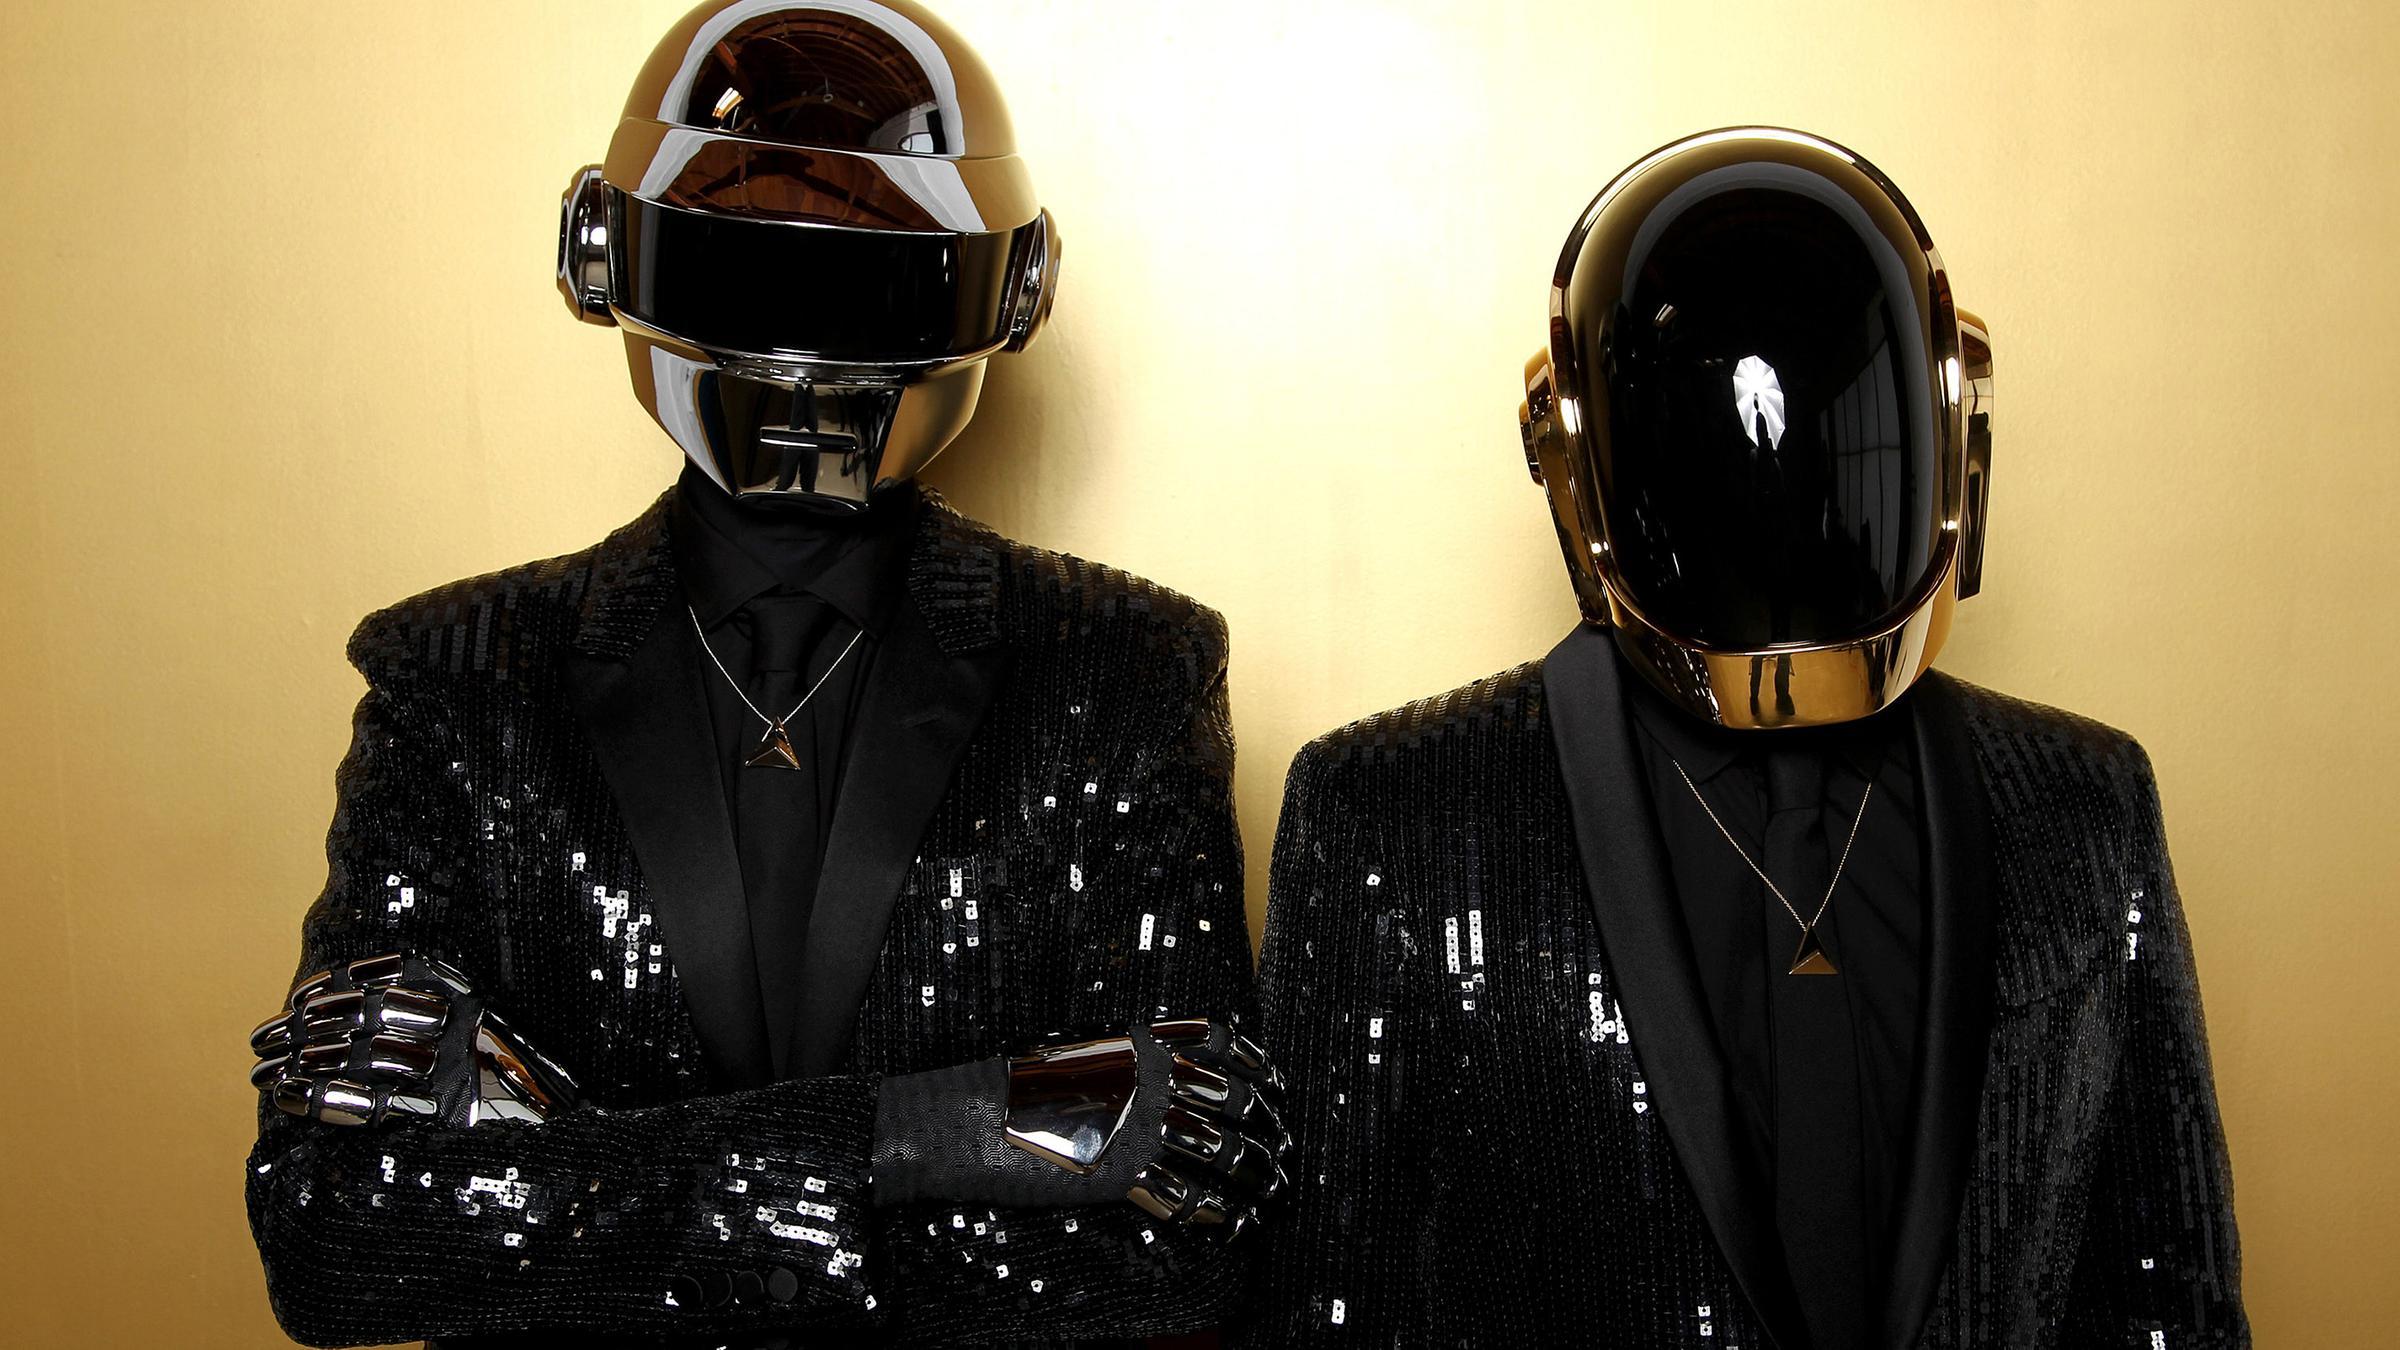 Archiv: Thomas Bangalter (l) und Guy-Manuel de Homem-Christo, von dem Duo Daft Punk posieren für ein Porträt in Los Angeles.